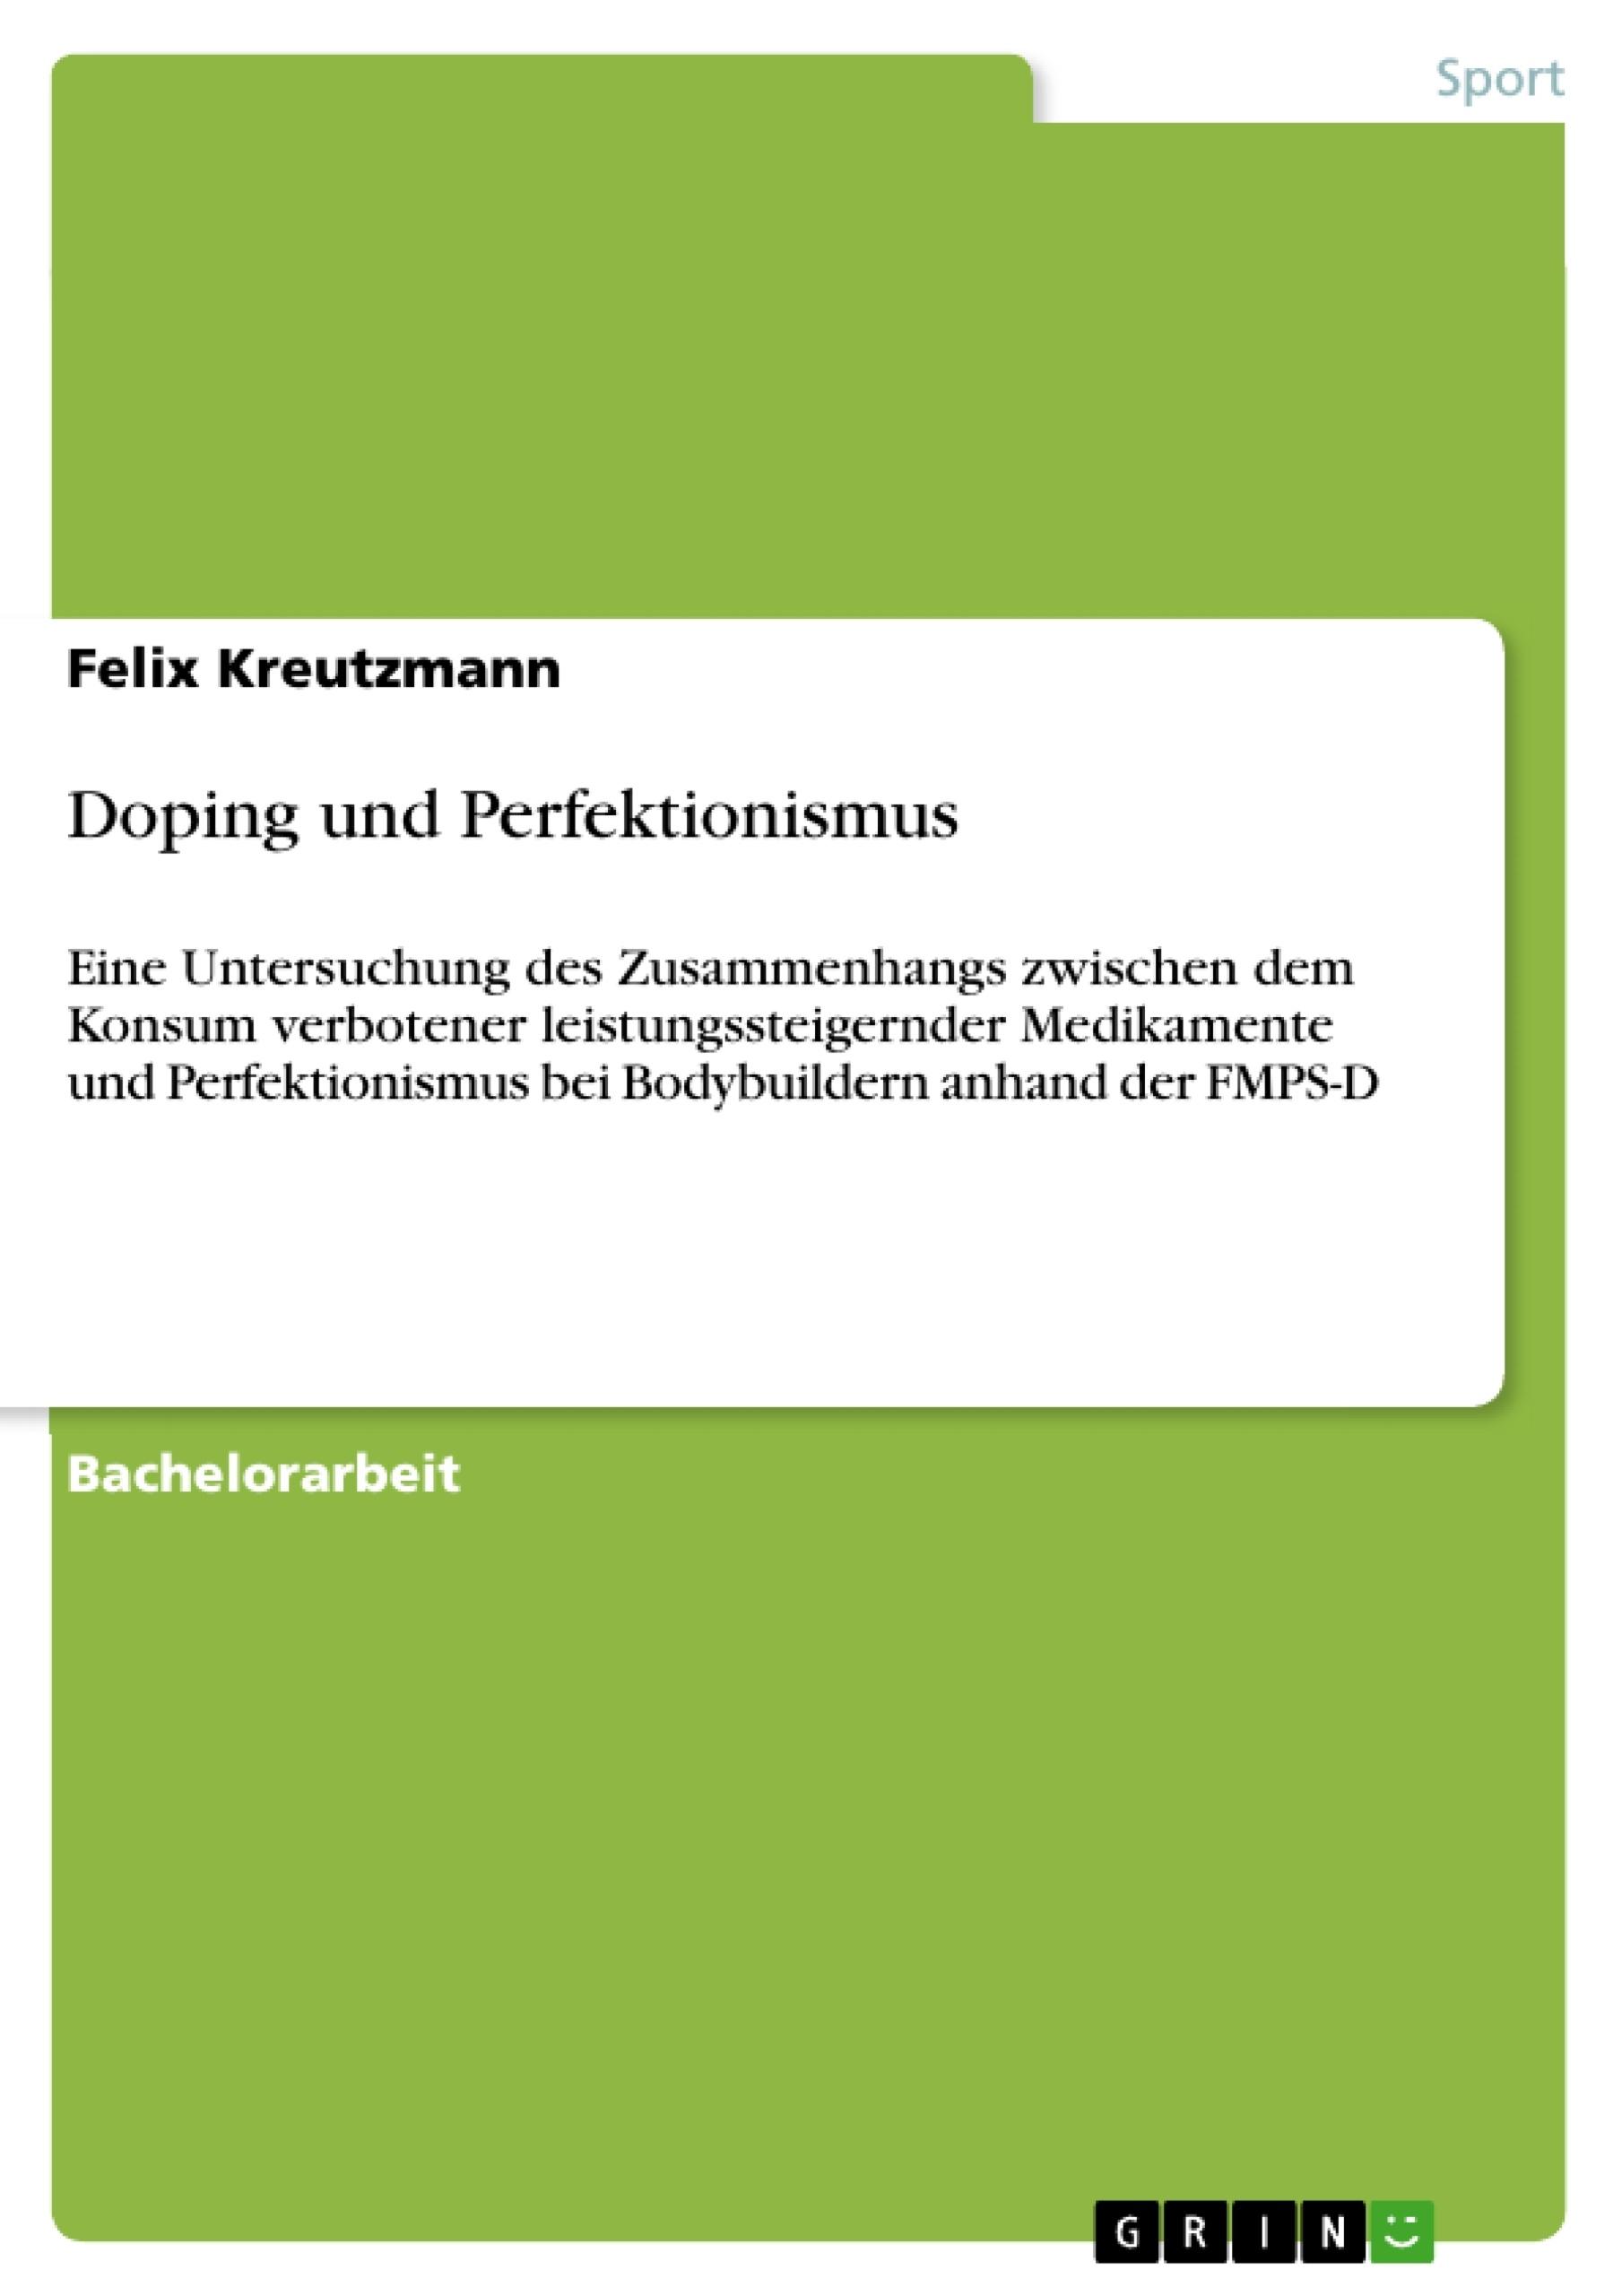 Titel: Doping und Perfektionismus